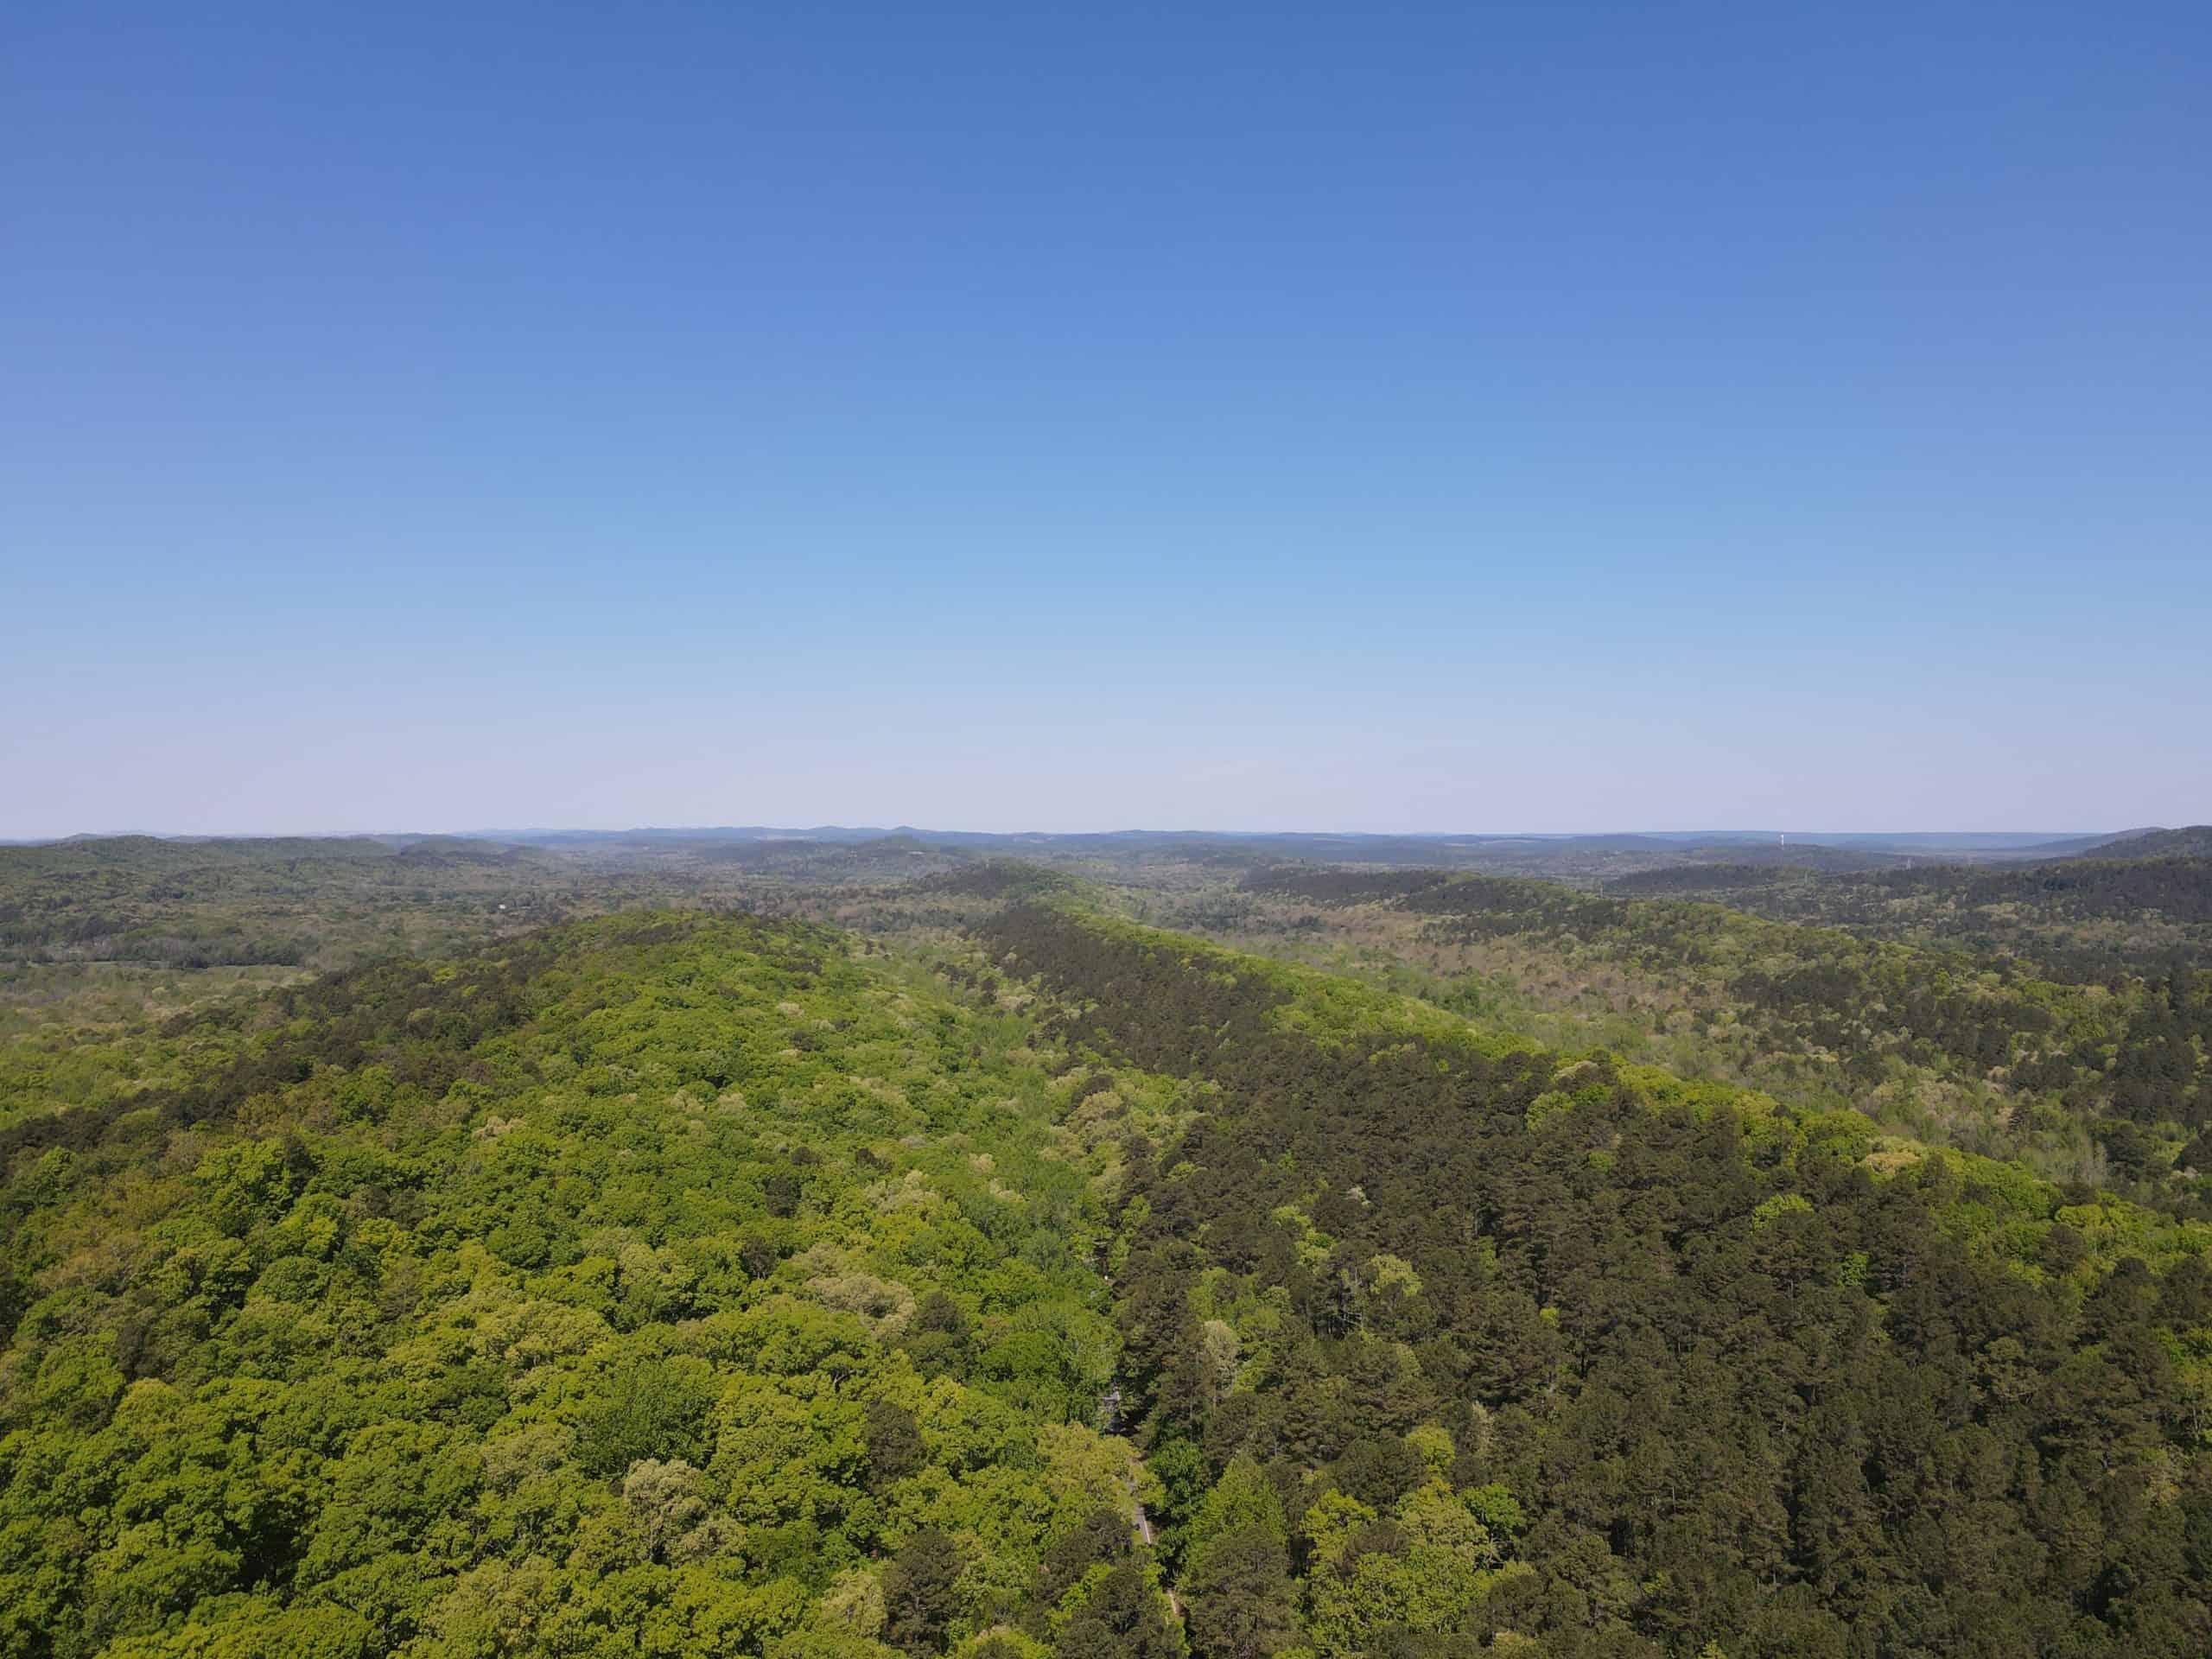 Development Land for sale in Little Rock Arkansas